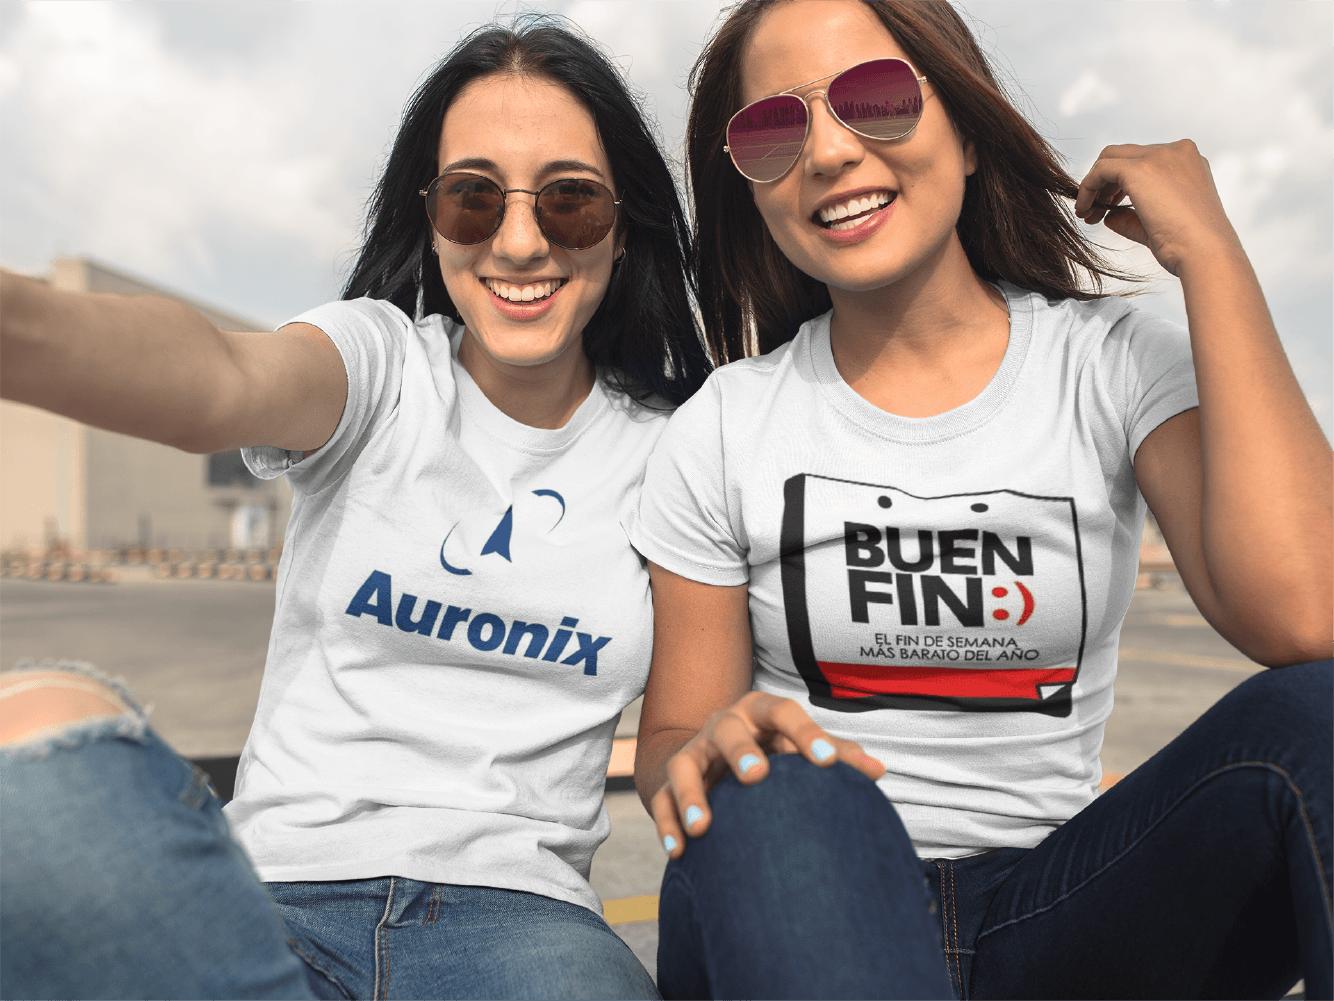 Buen Fin | Auronix